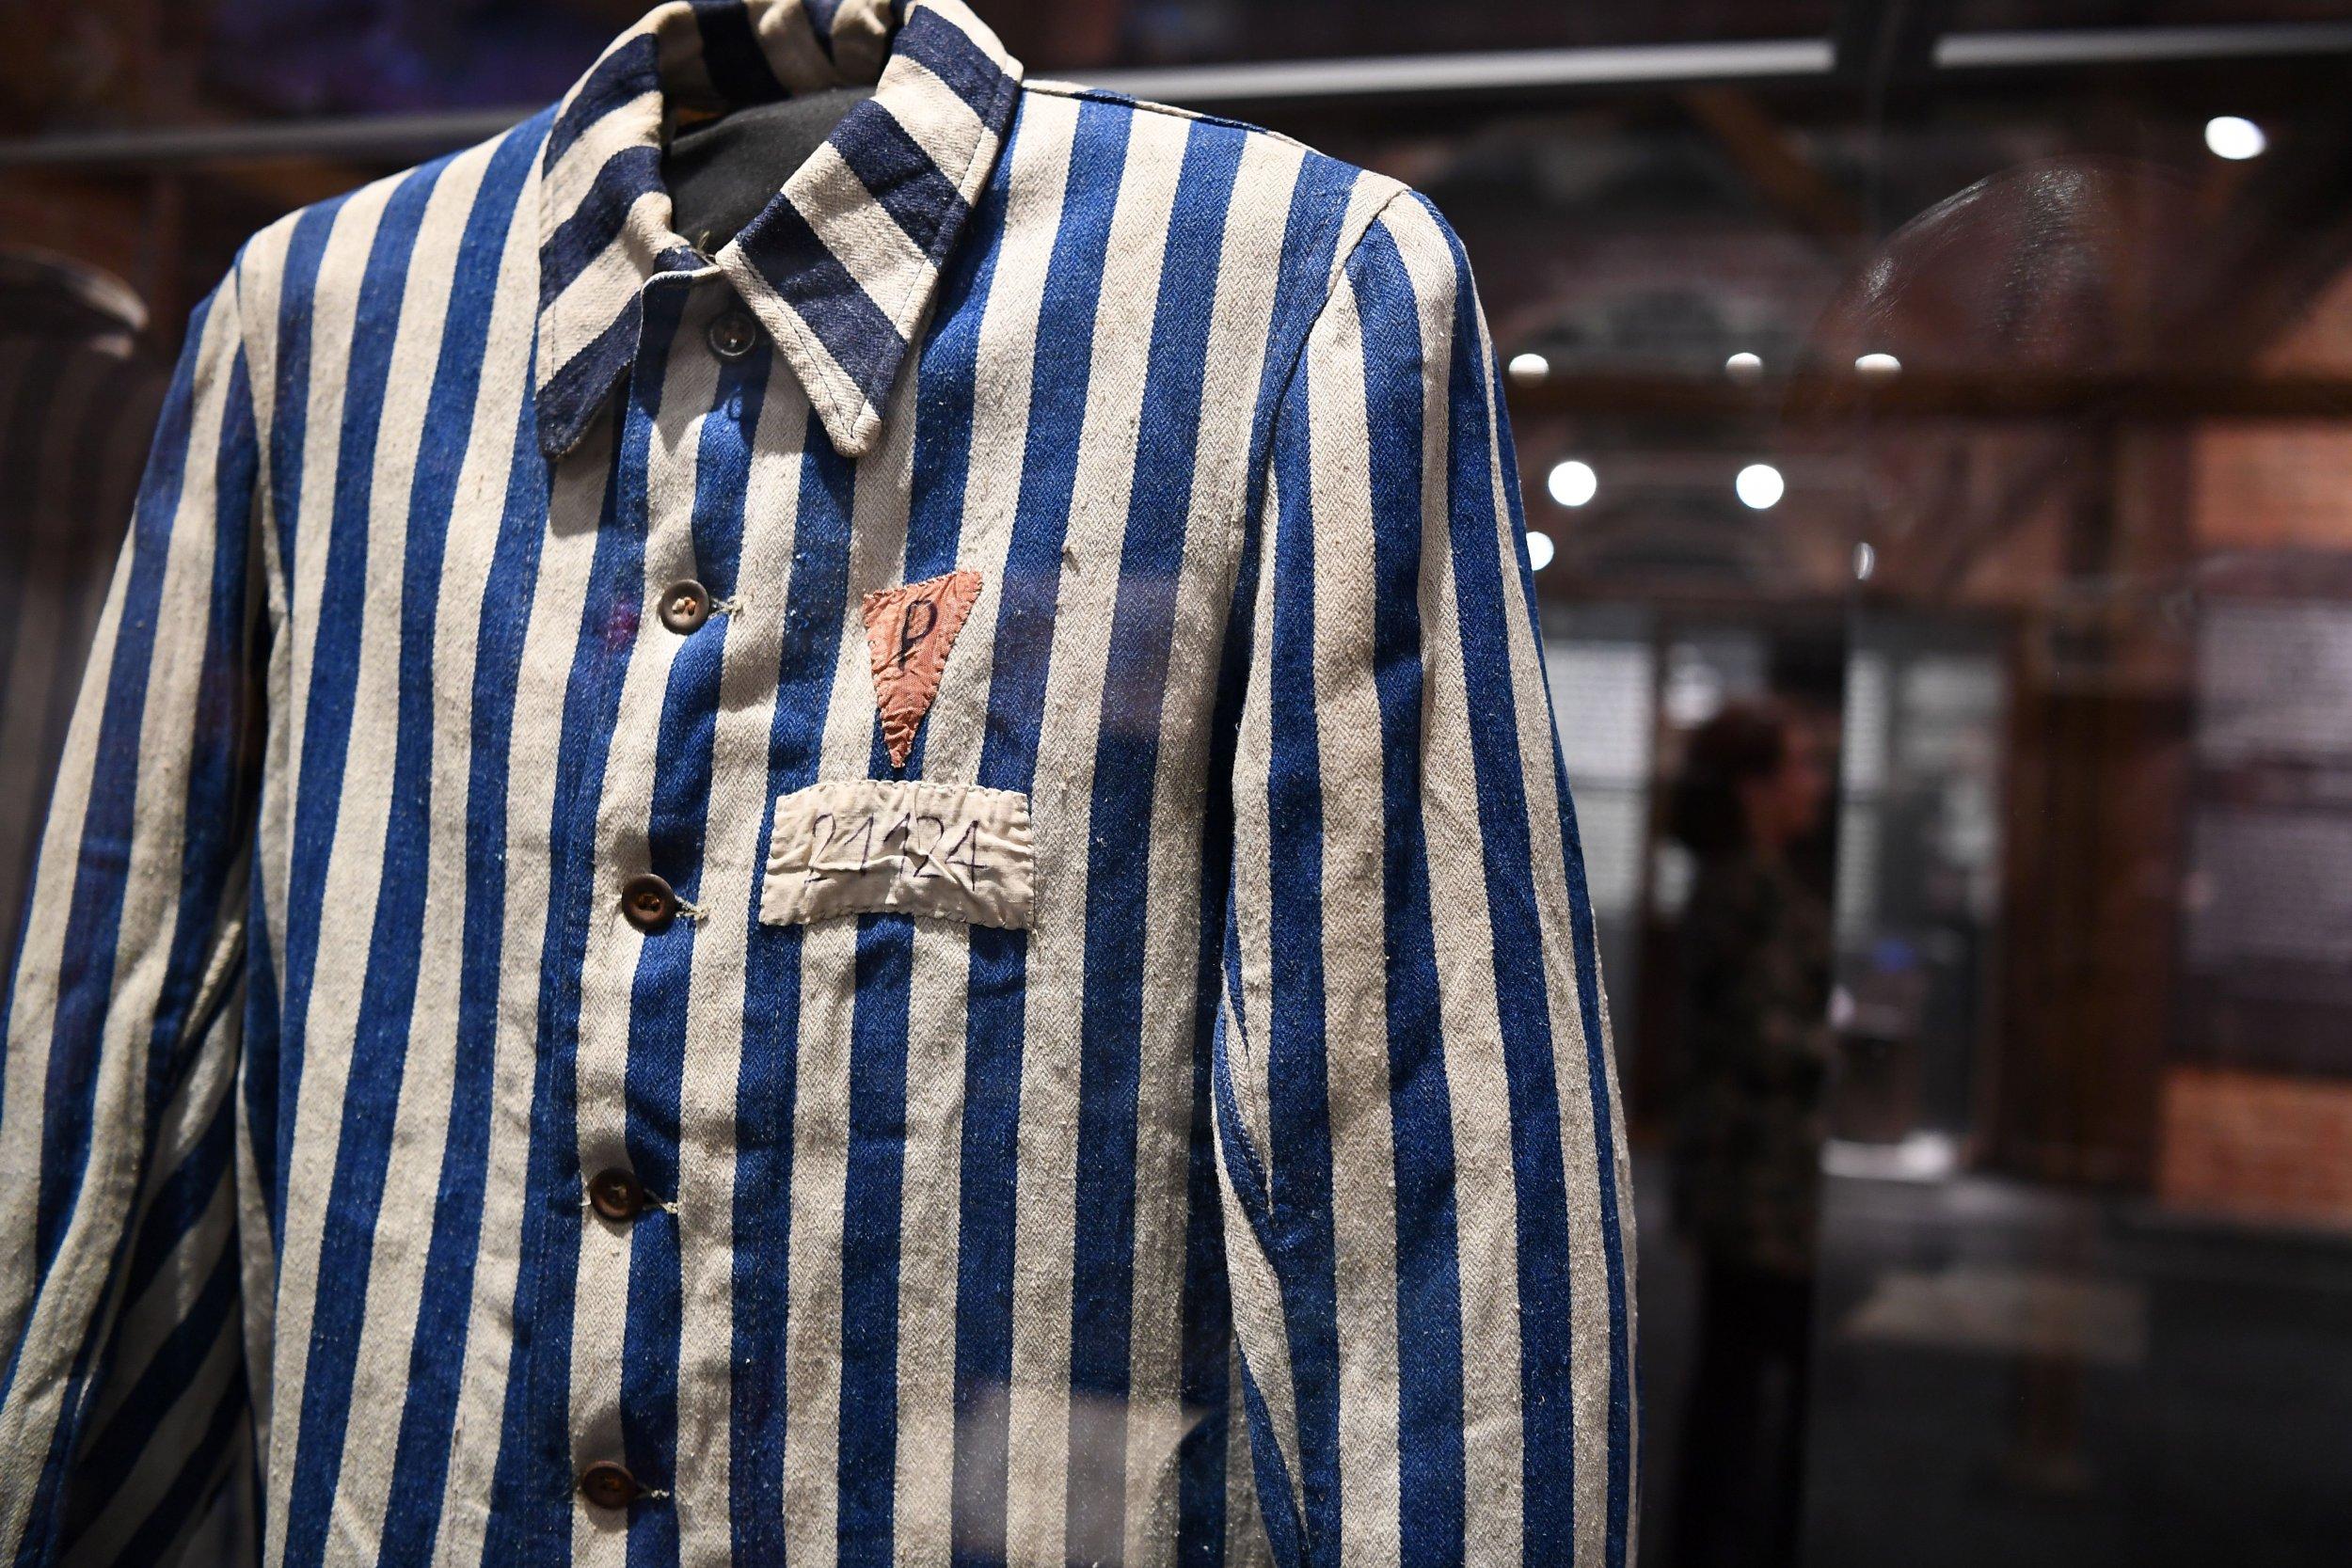 Holocaust uniform Nazis genocide Jews